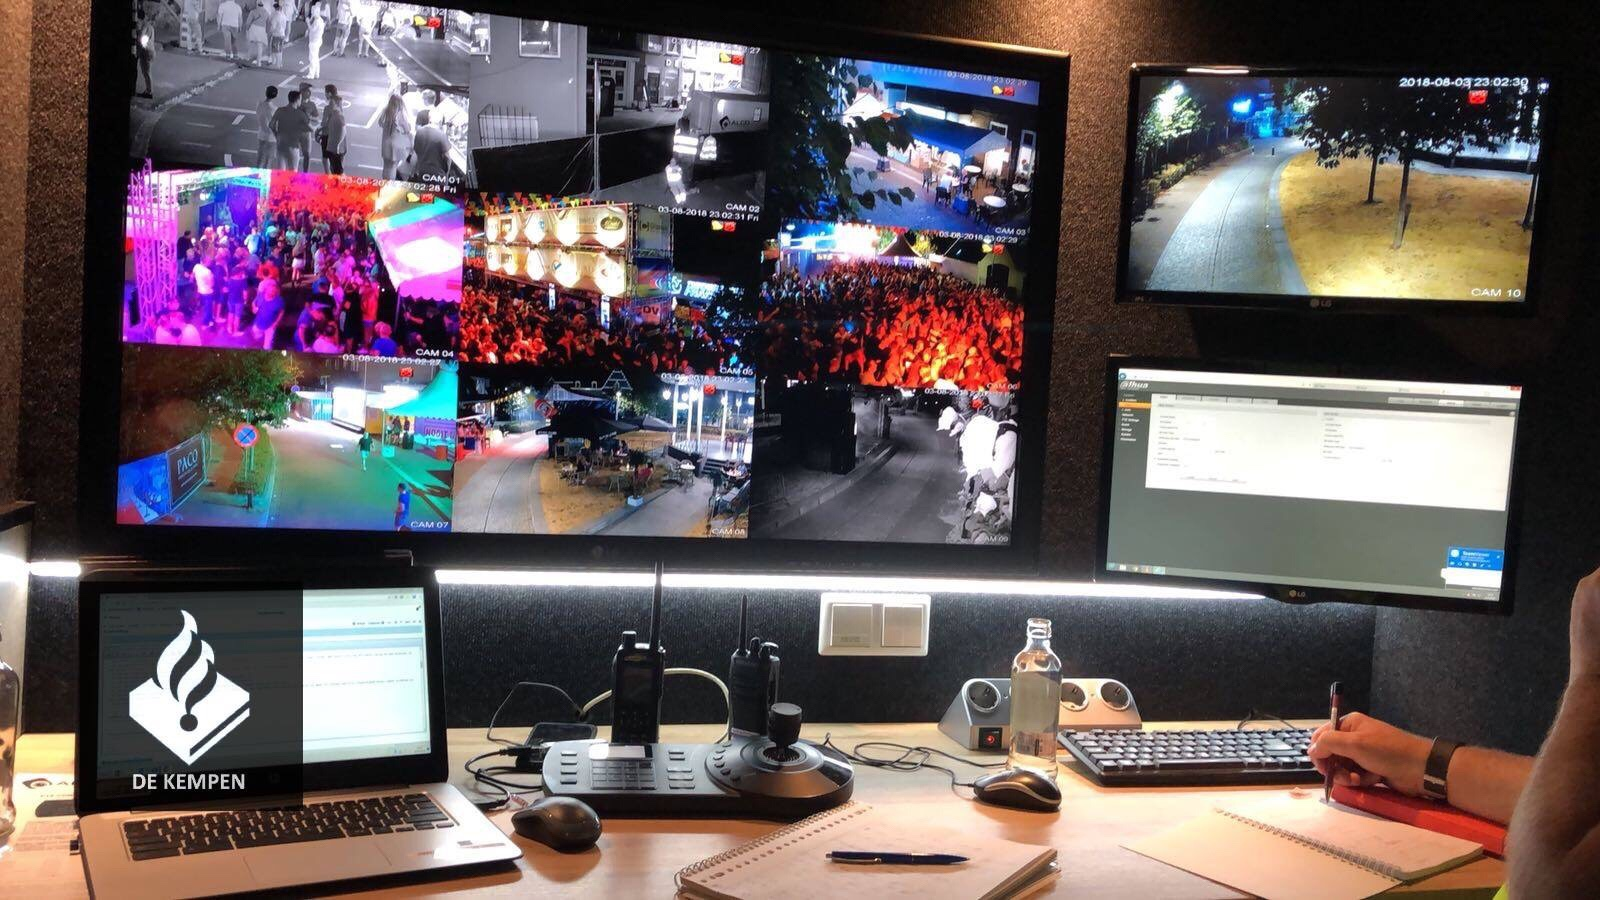 Cameratoezicht tijdens kermis Zeelst! Geleverd aan gemeente Veldhoven. De 10 (draadloze) full HD PTZ camera's worden door politie en gemeente live uitgekeken in onze mobiele commando unit!